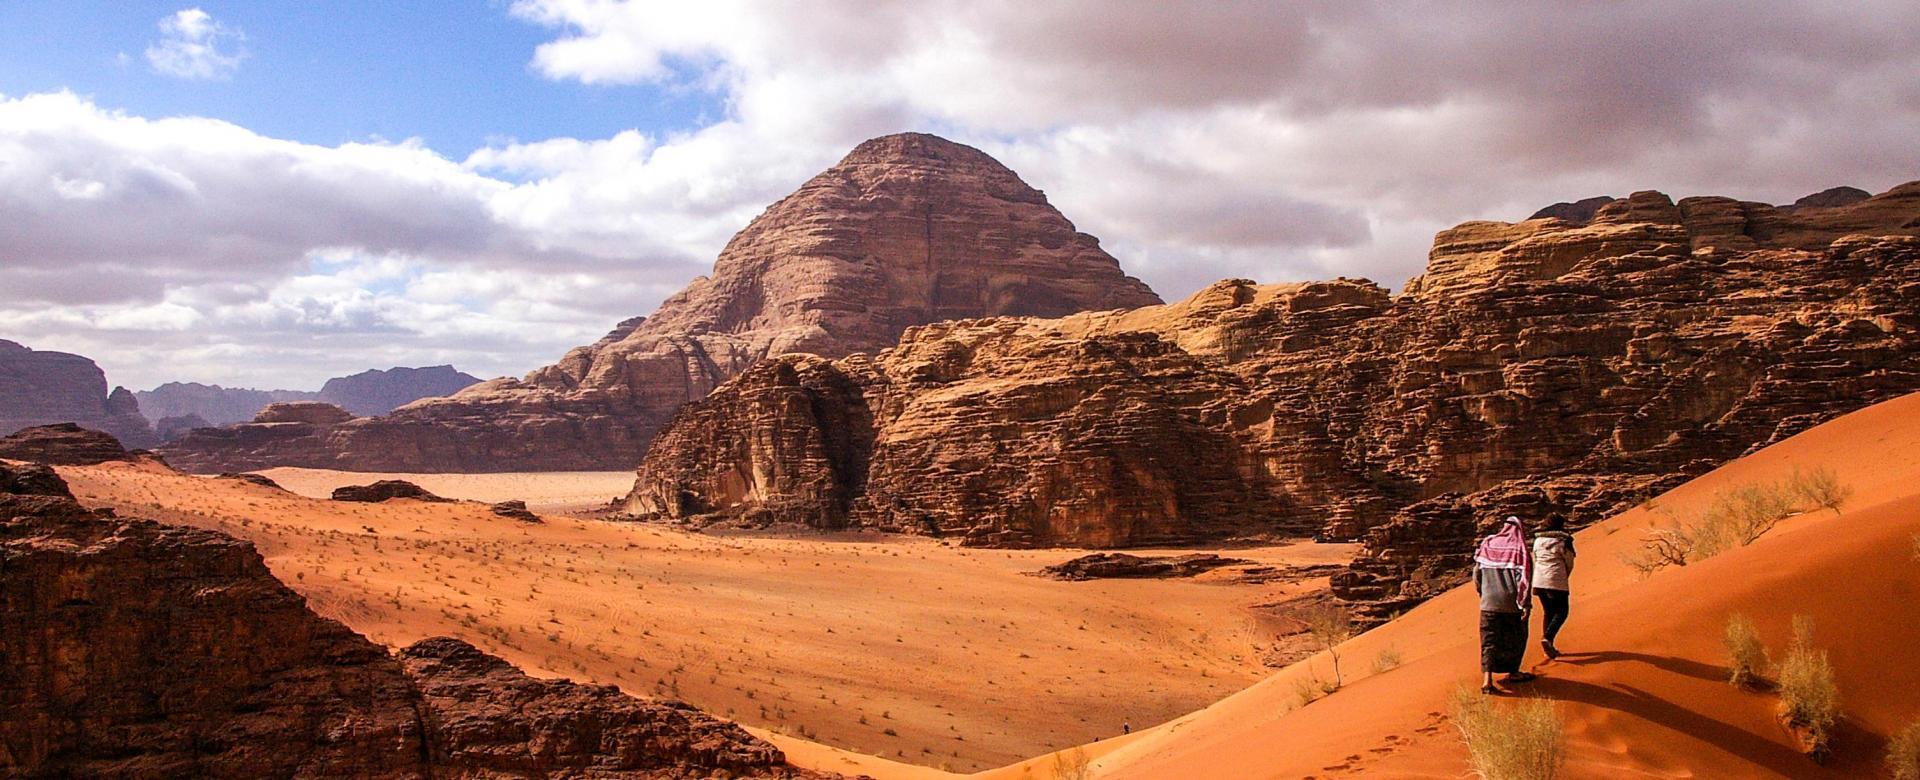 Voyage à pied Jordanie : Au royaume des nabatéens